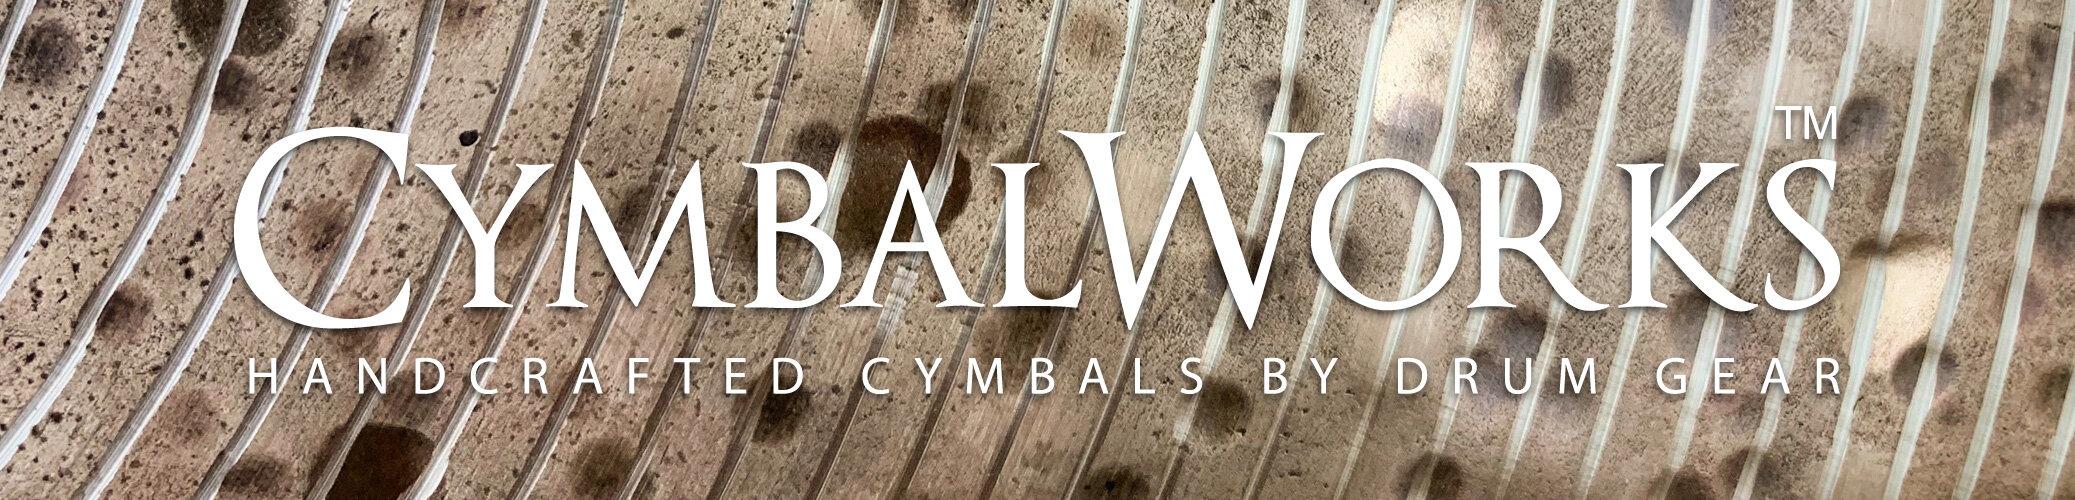 CymbalWorks Cymbals